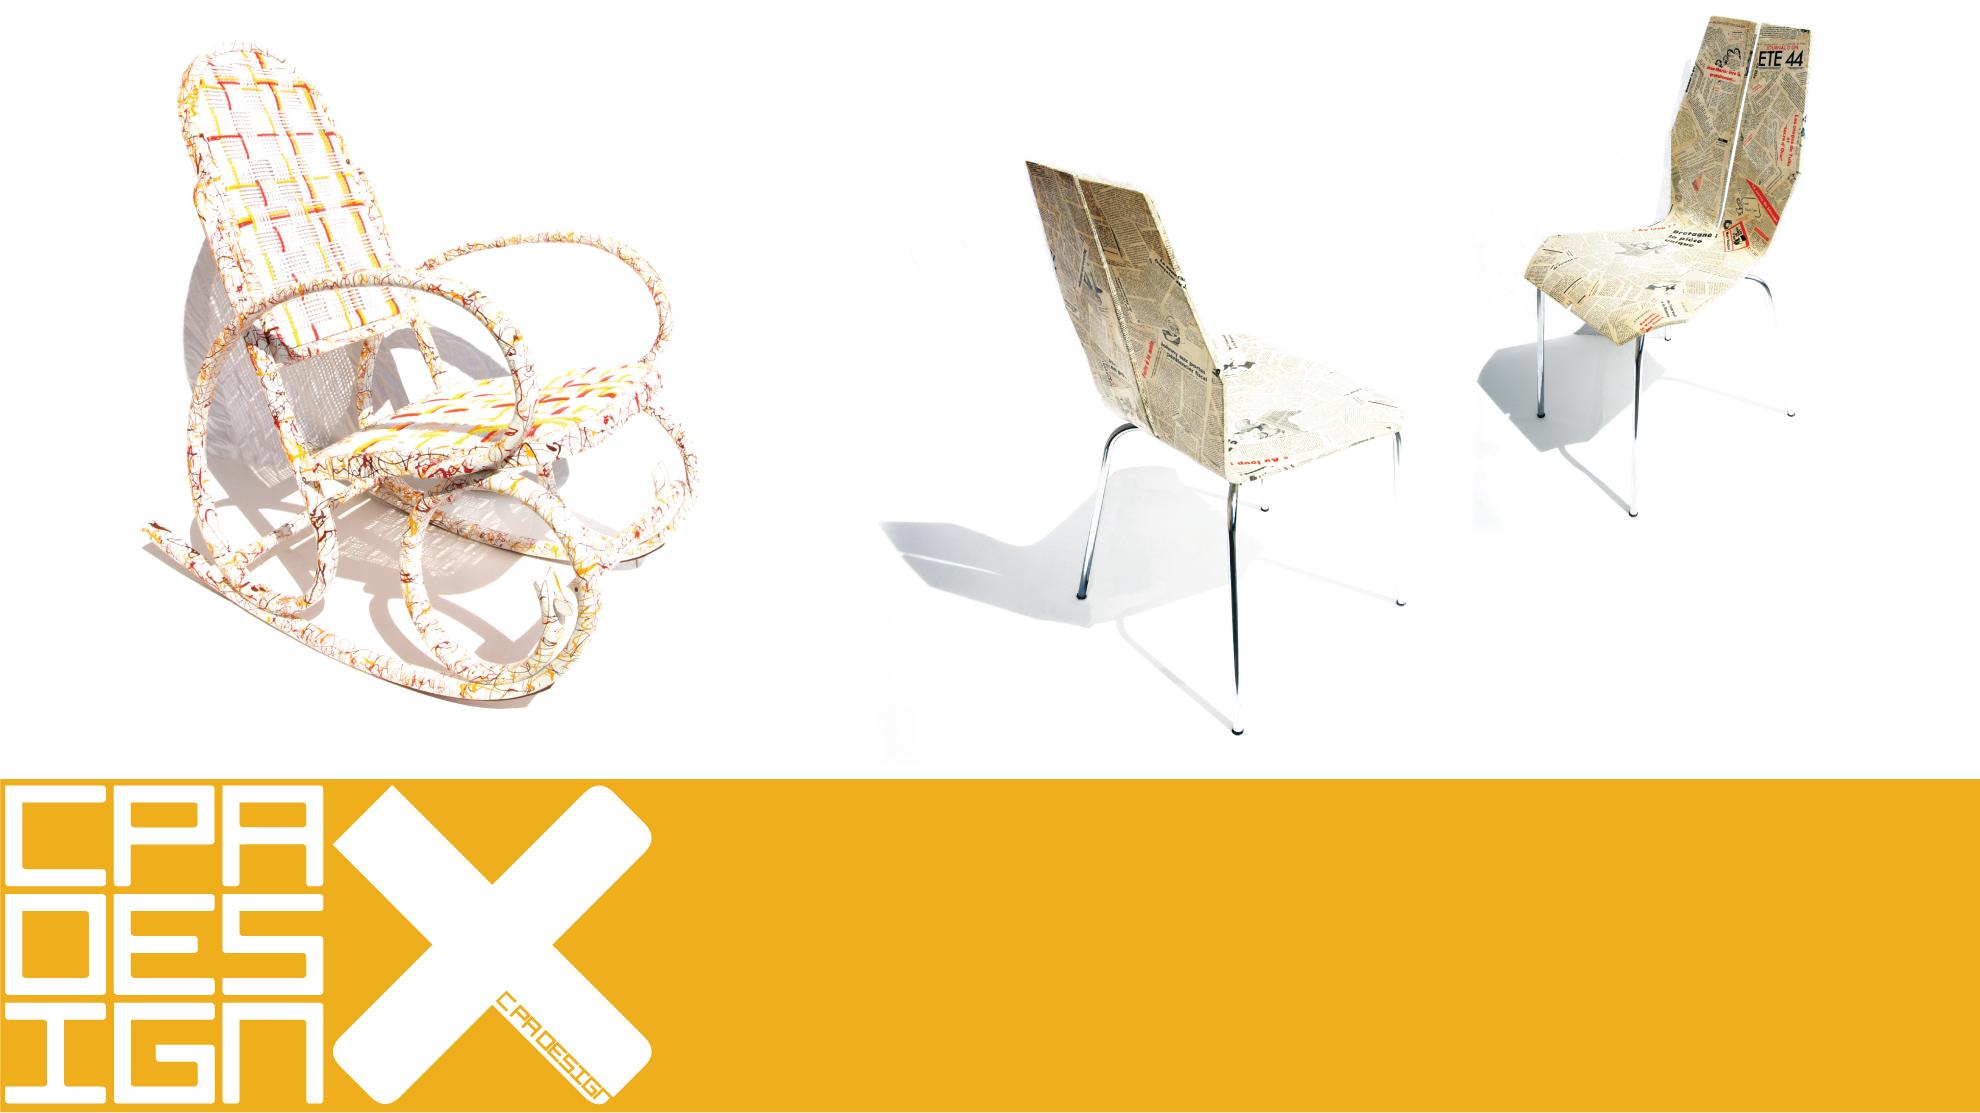 c_pa_design_produit_design_mobilier_realisation_conception_prototype